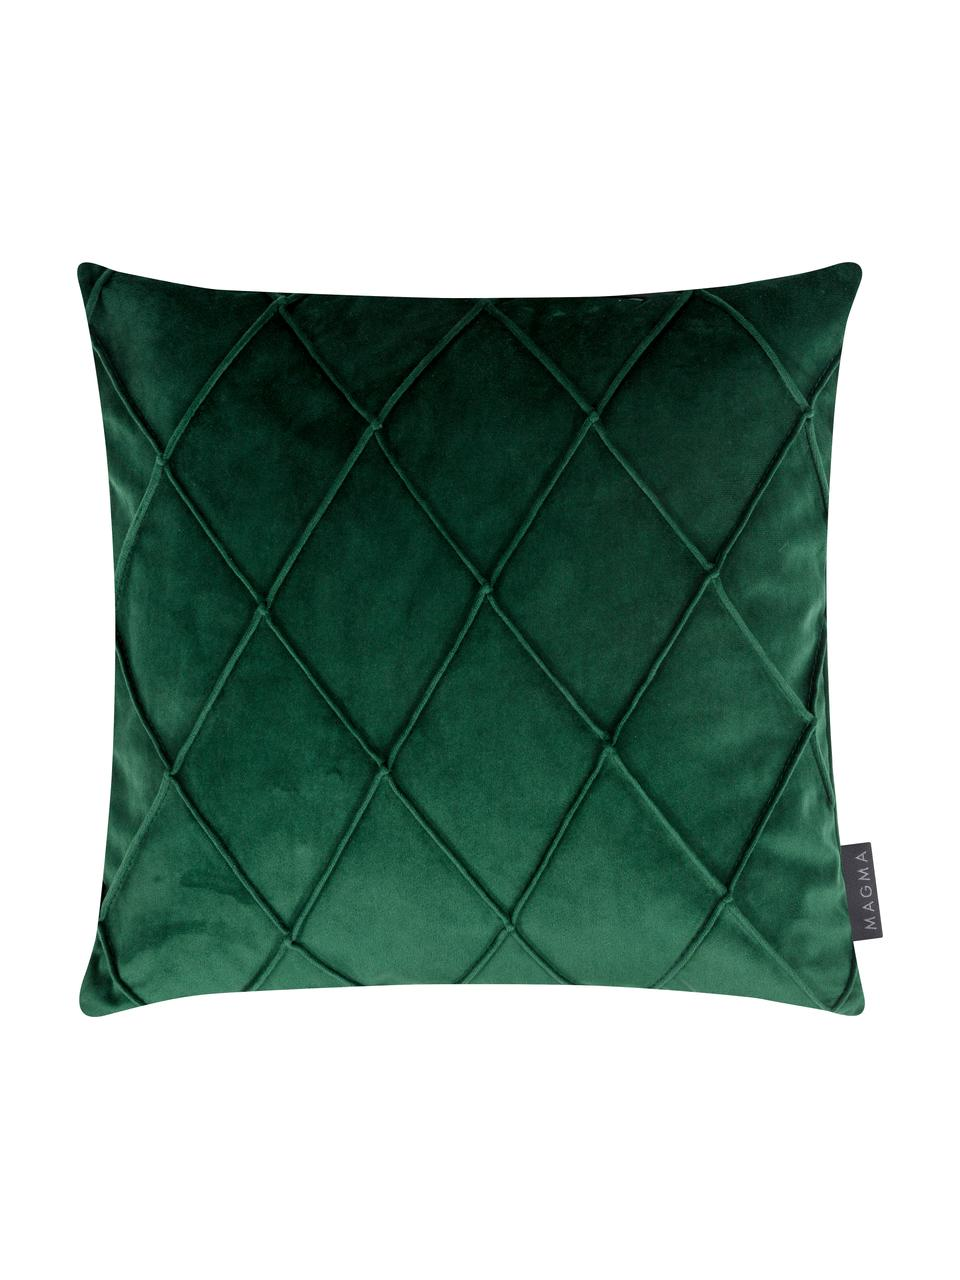 Fluwelen kussenhoes Nobless in groen met verhoogd ruitjesmotief, 100% polyester fluweel, Groen, 50 x 50 cm